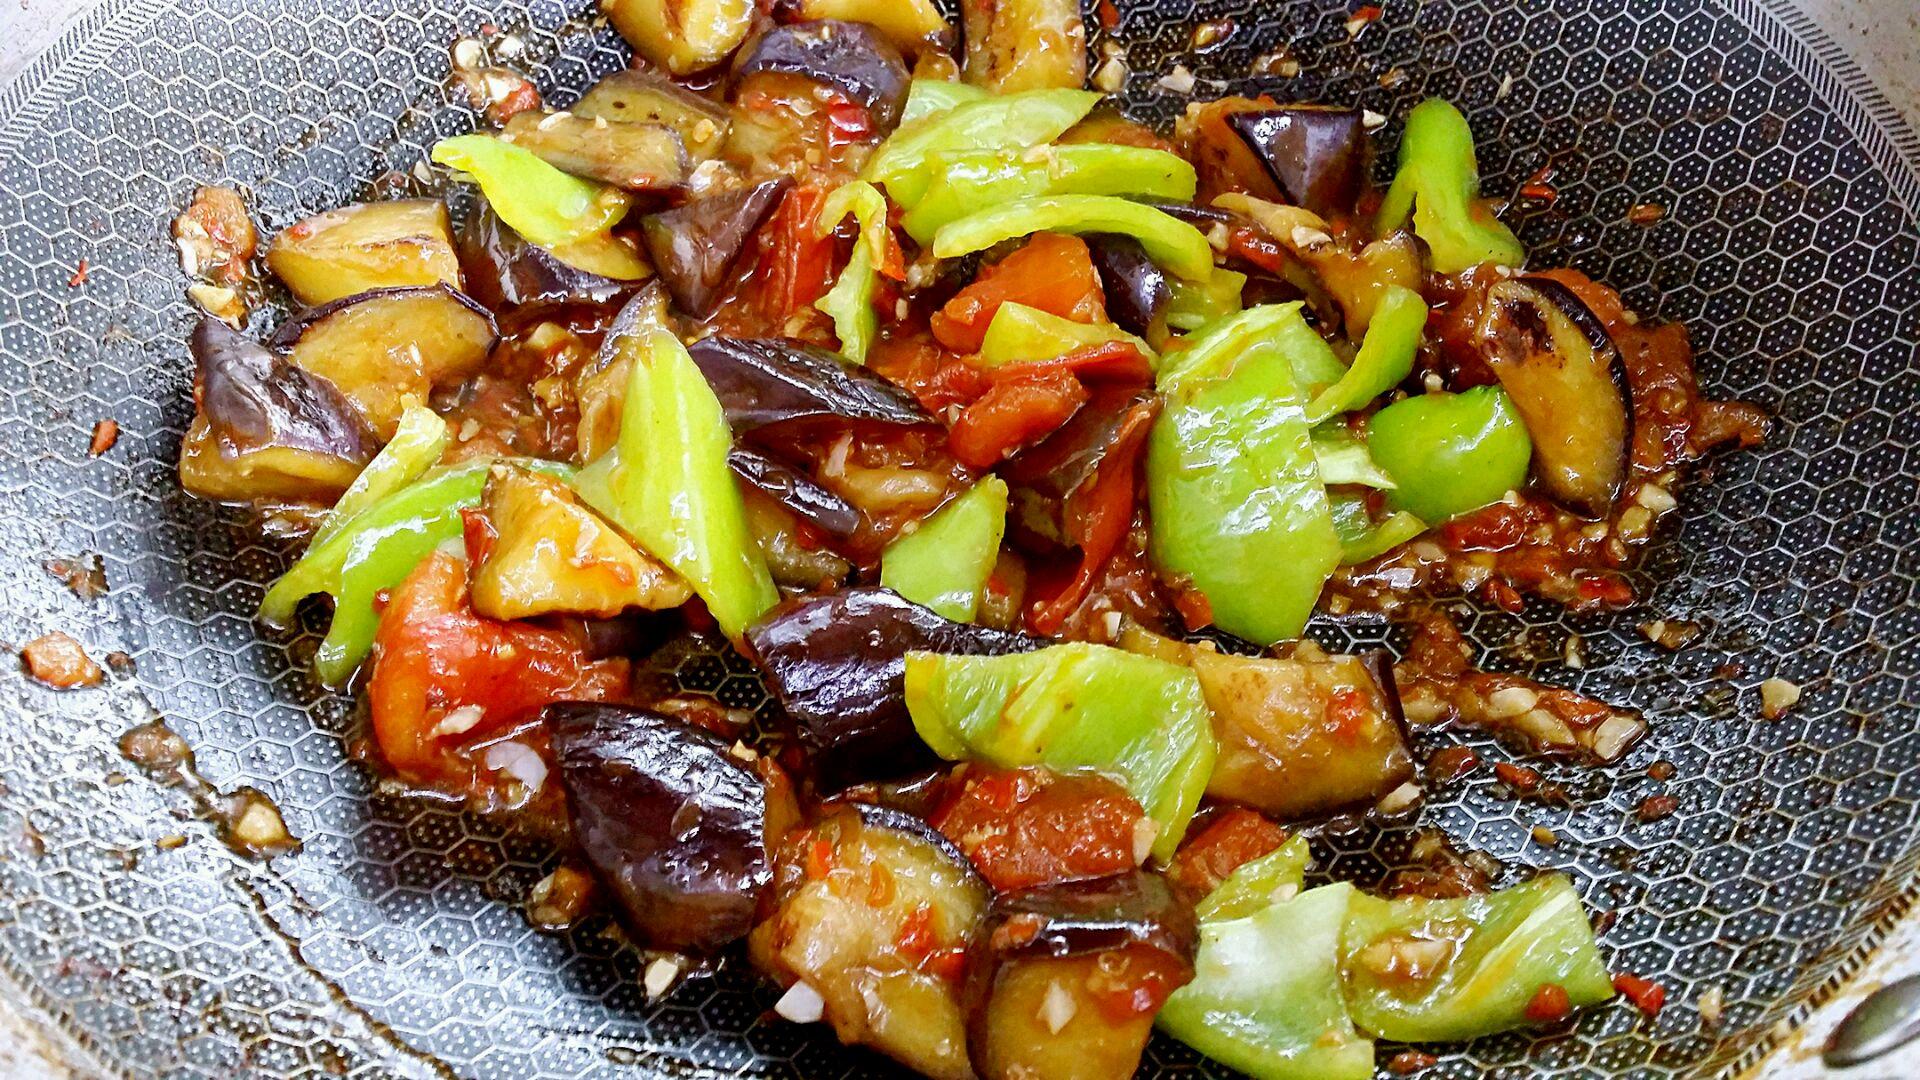 西辣茄子撒点蒜的做法图解20